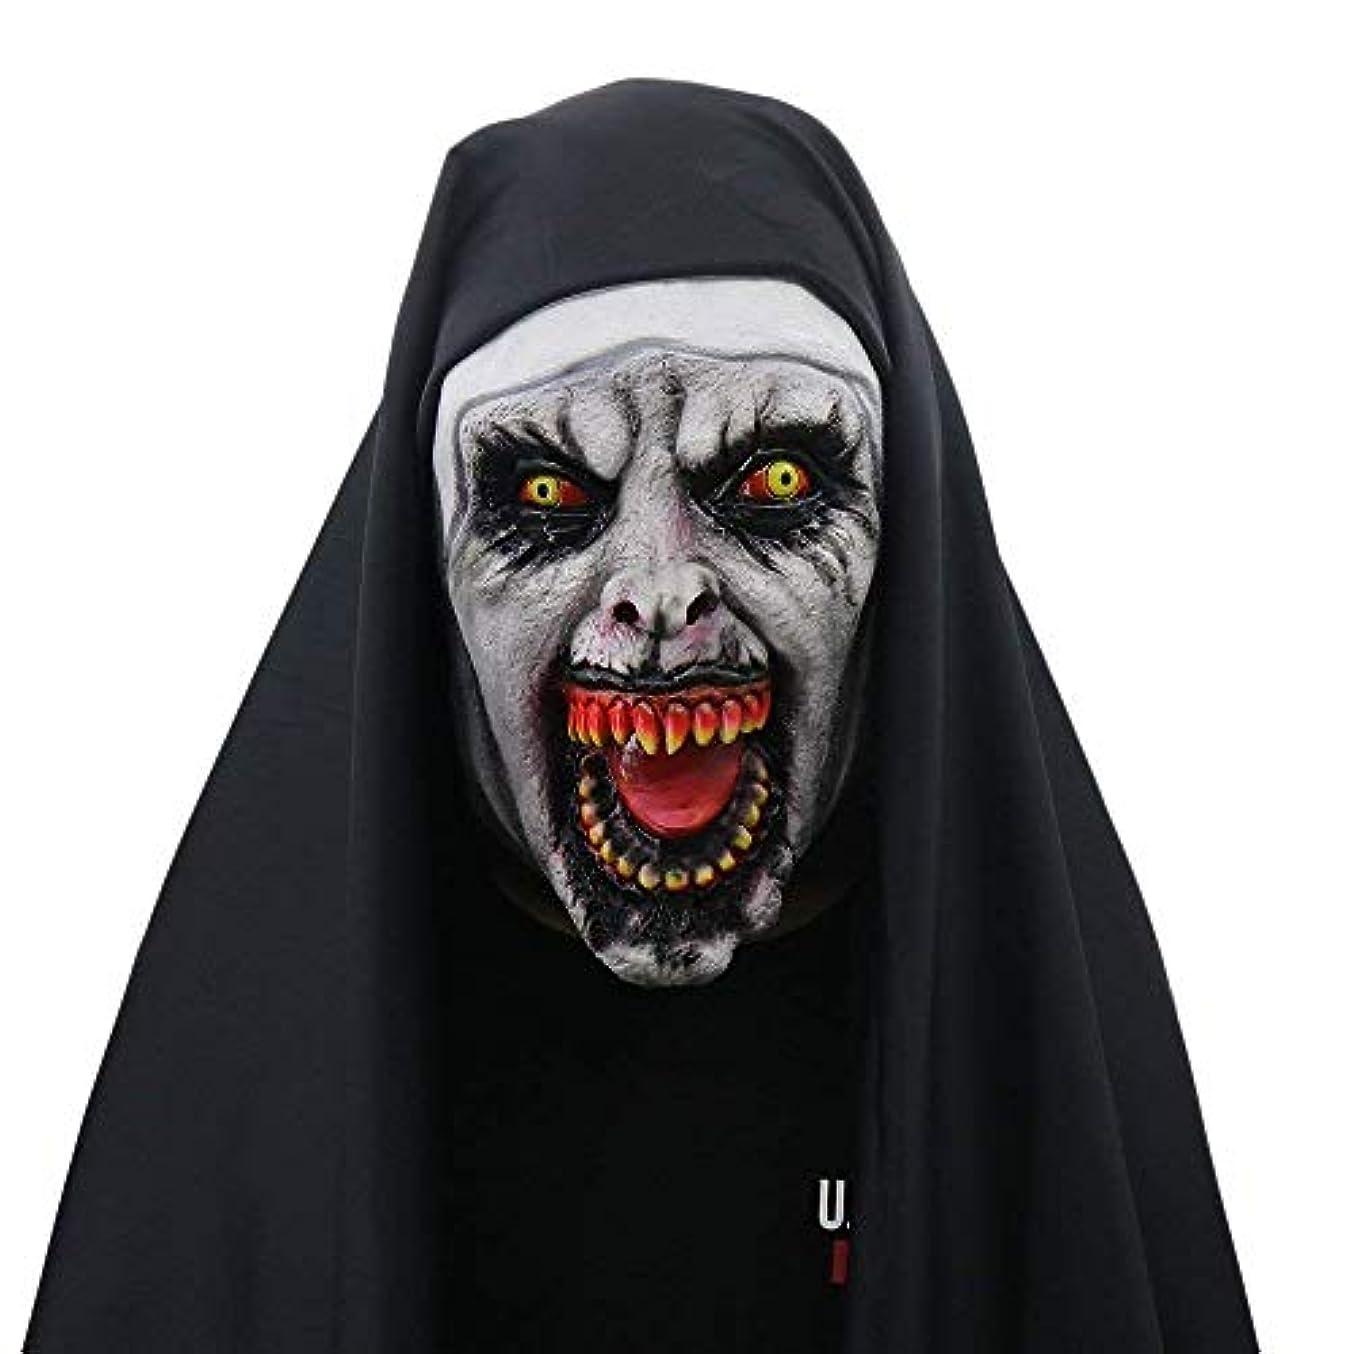 宣言する知人むしゃむしゃ女性のためのハロウィン修道女の衣装、修道女仮面の怖いベール